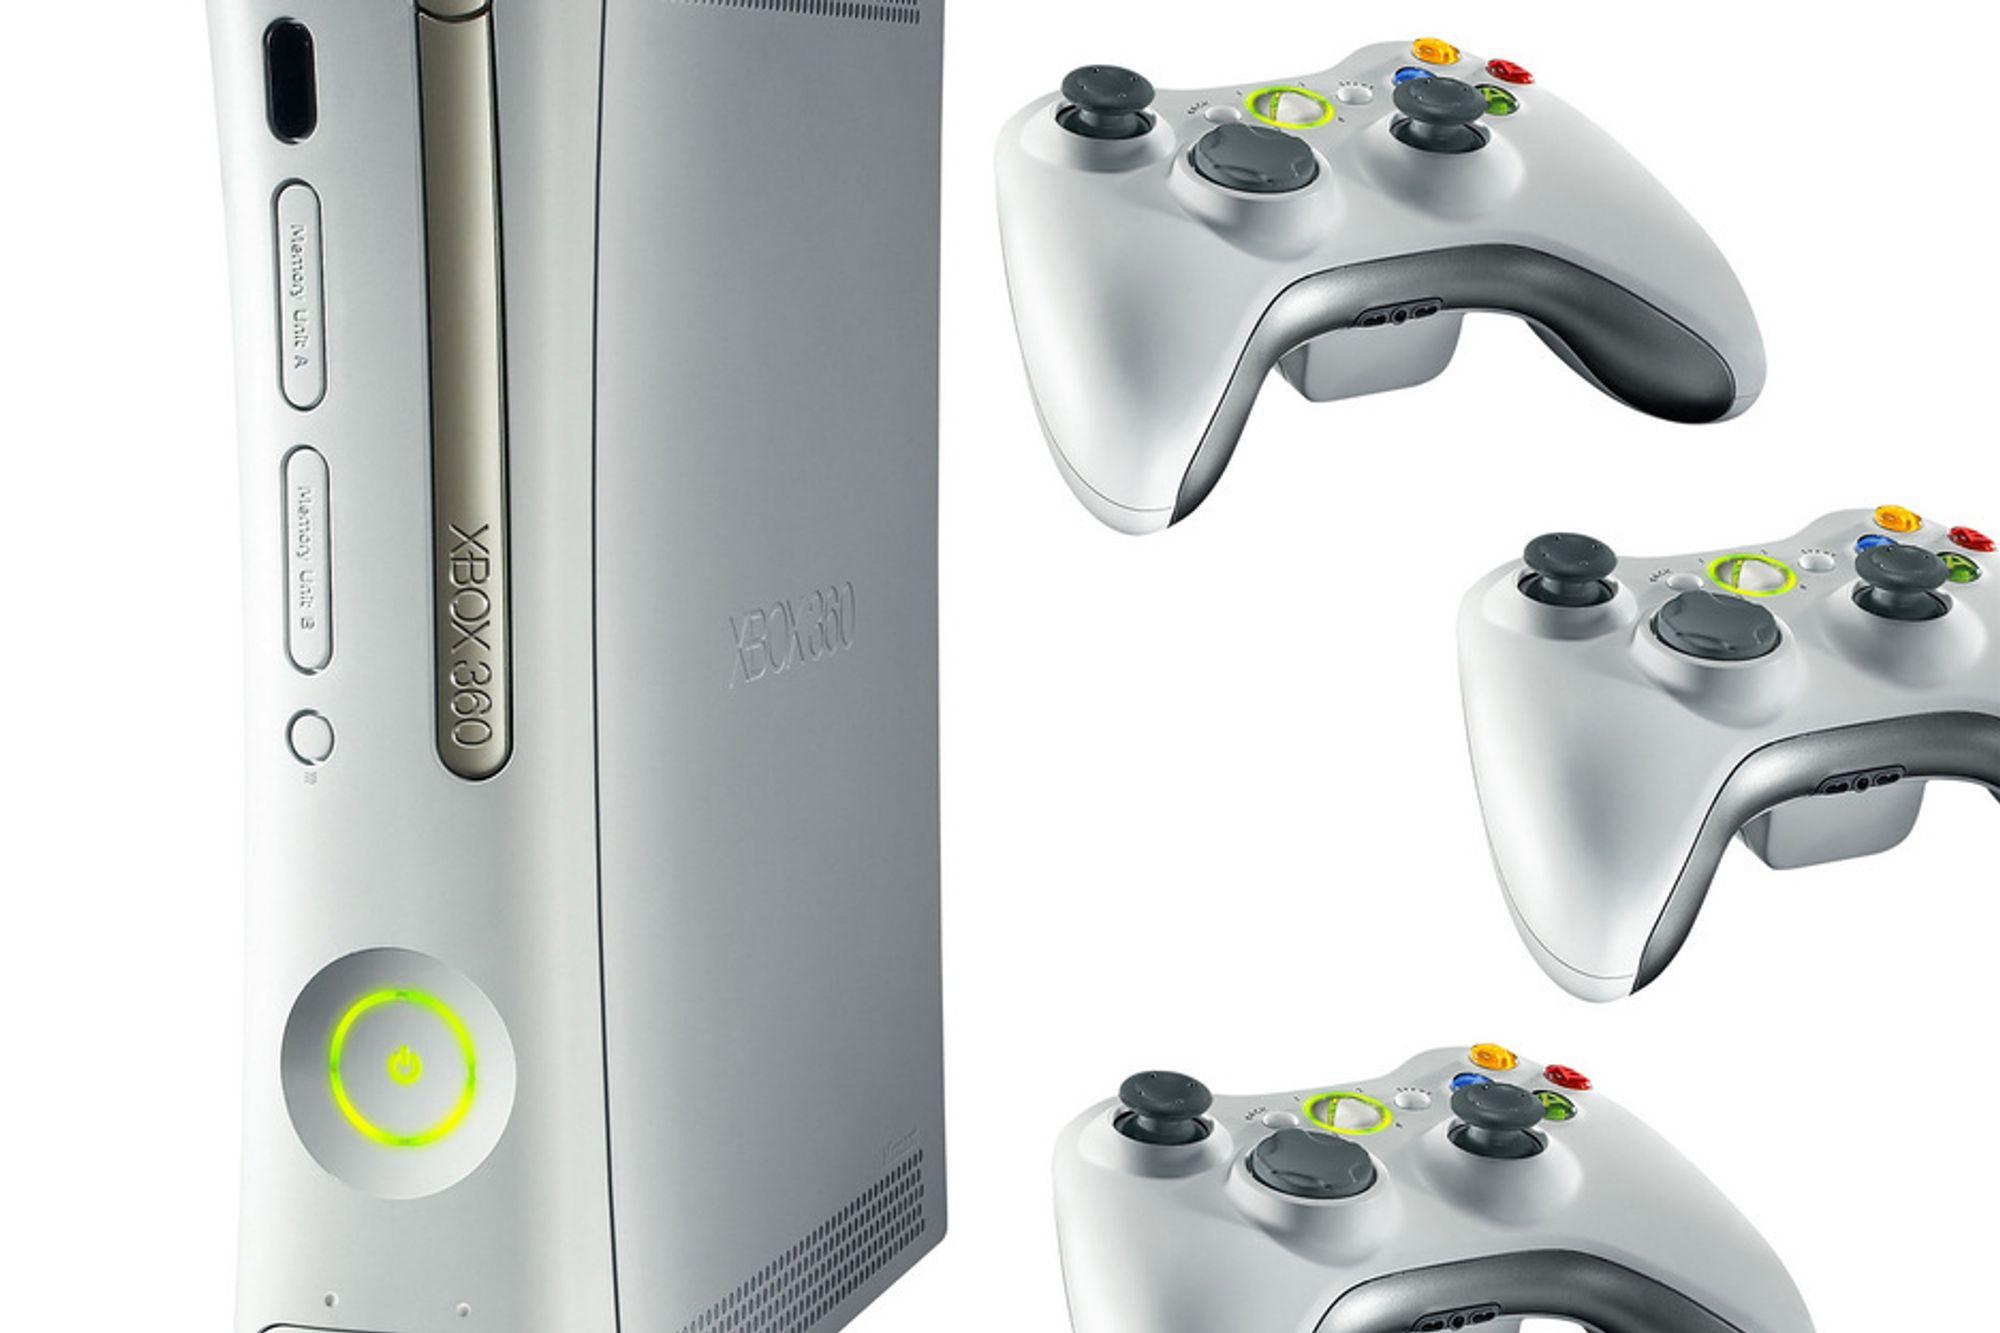 Xbox 360 ligger an til å få bevegelsessensor, ifølge flere nettsteder.